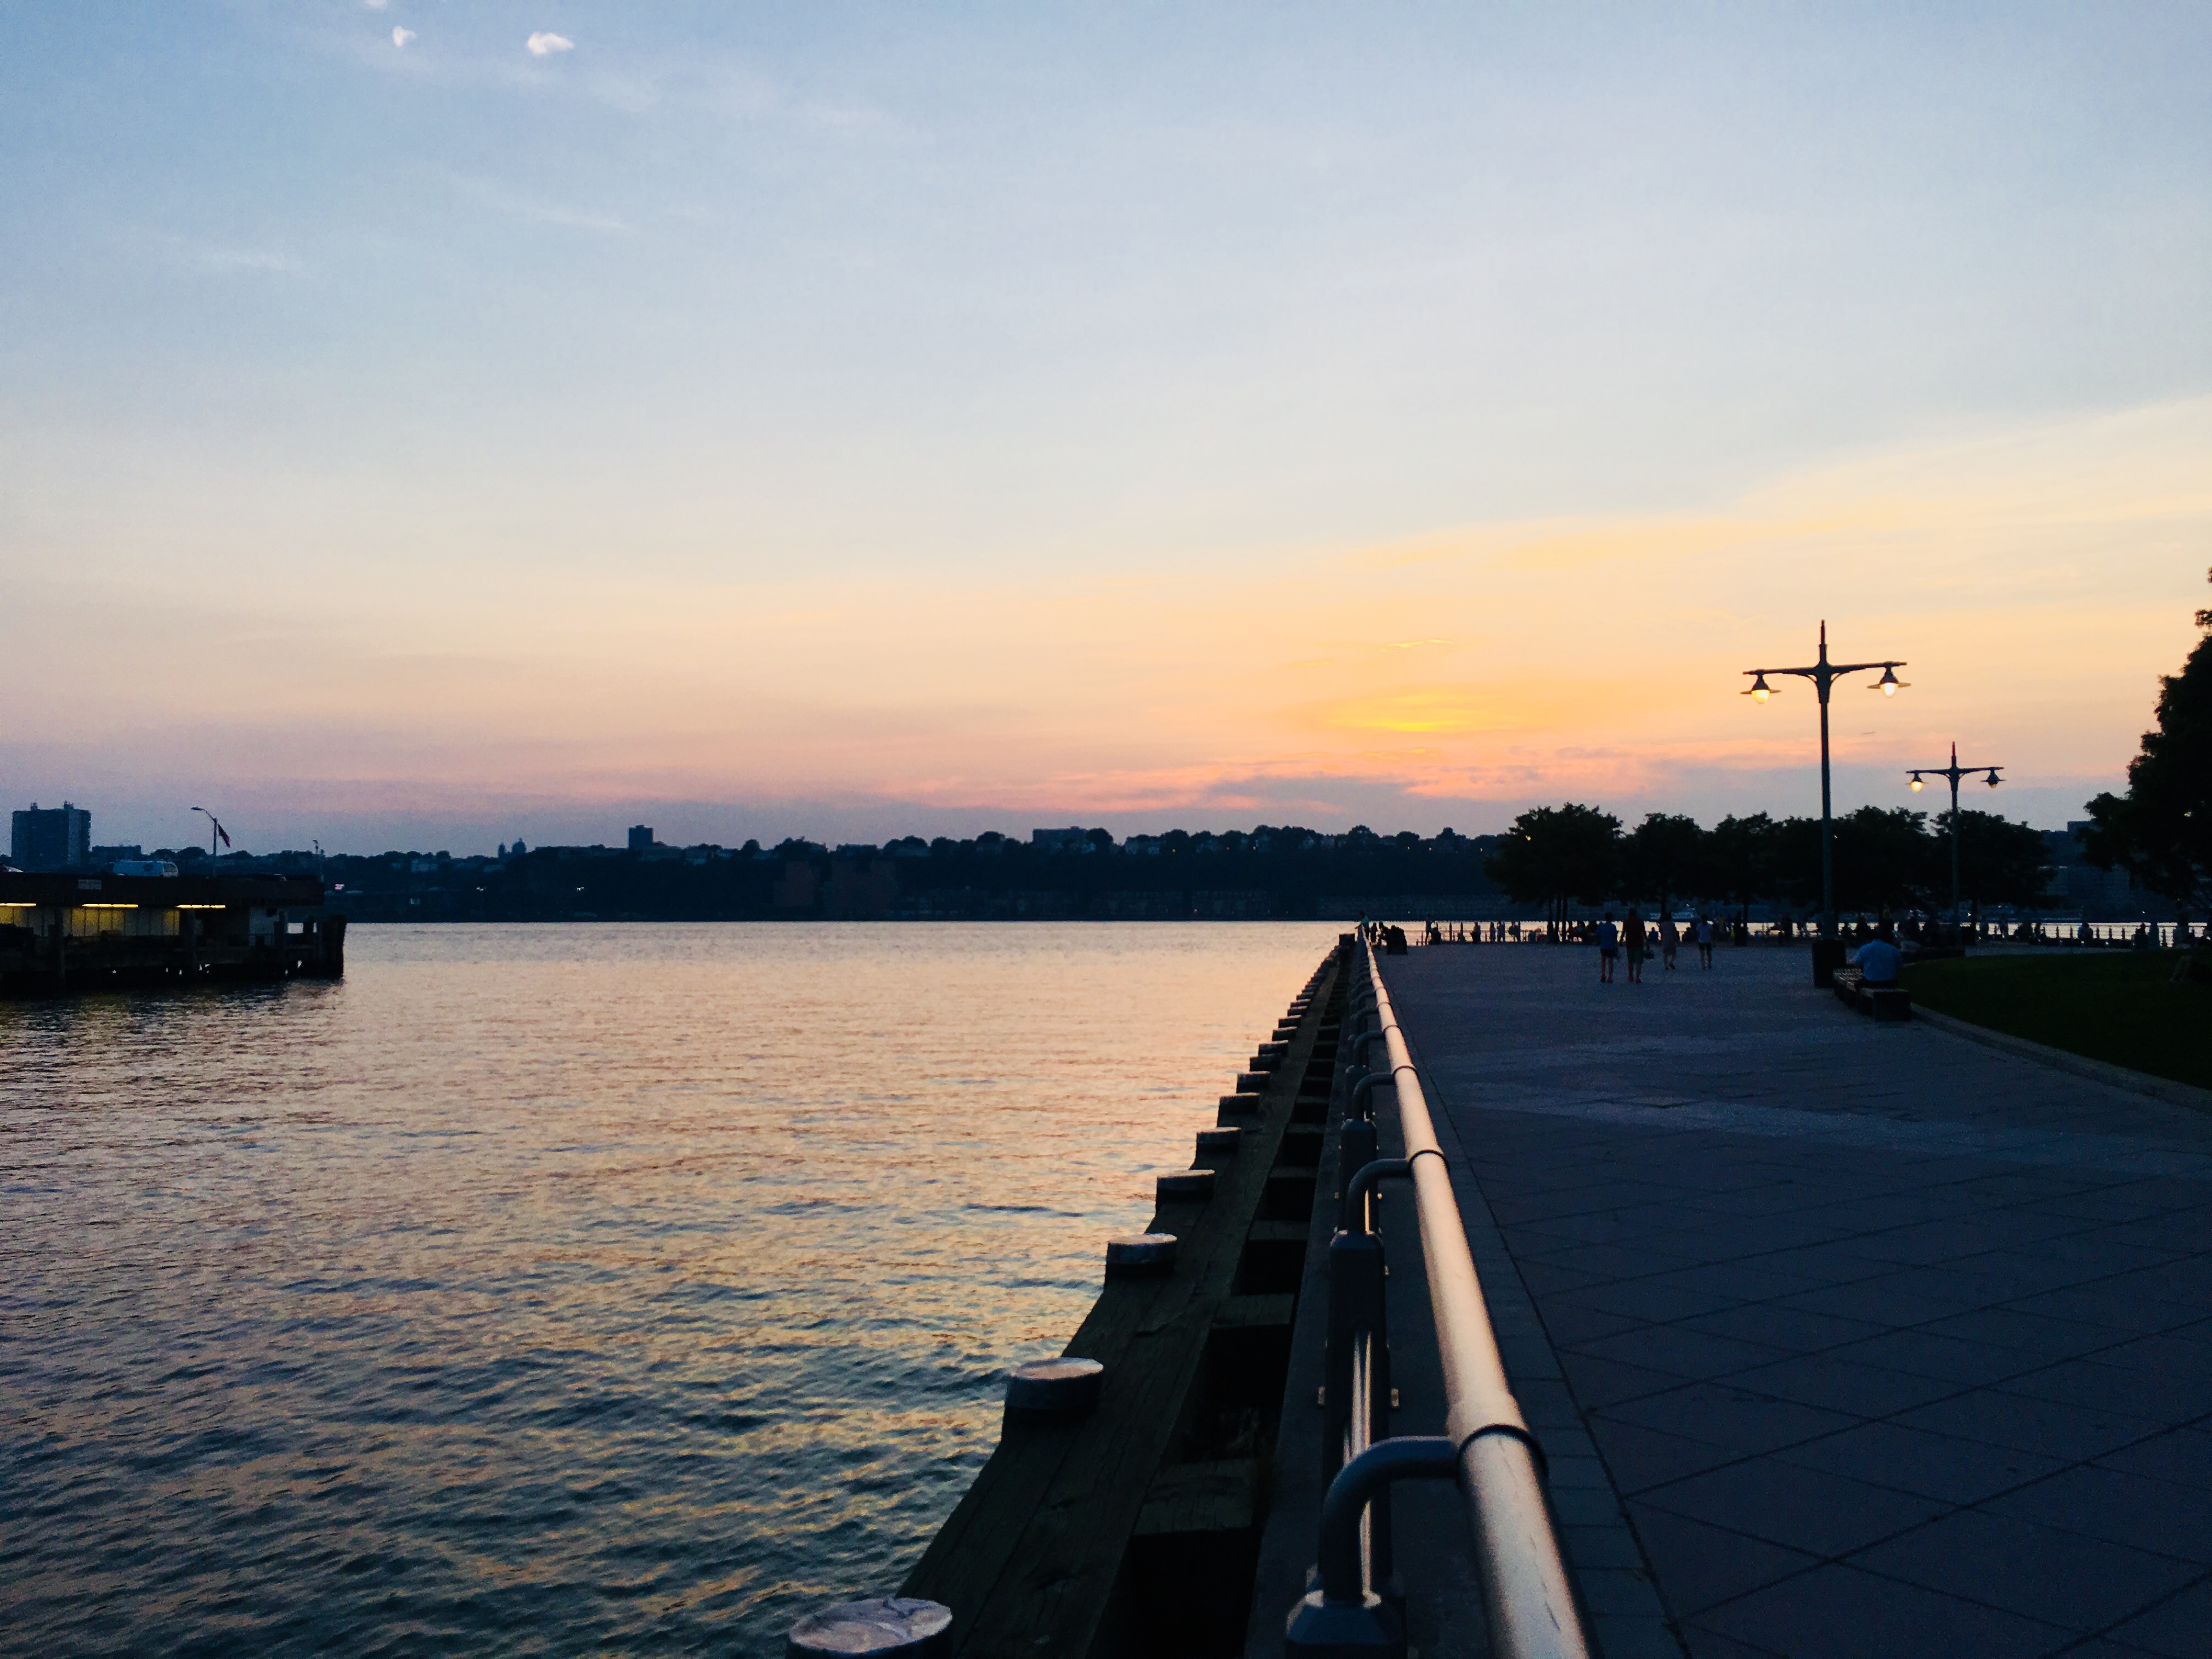 Hardlopen langs de Hudson river